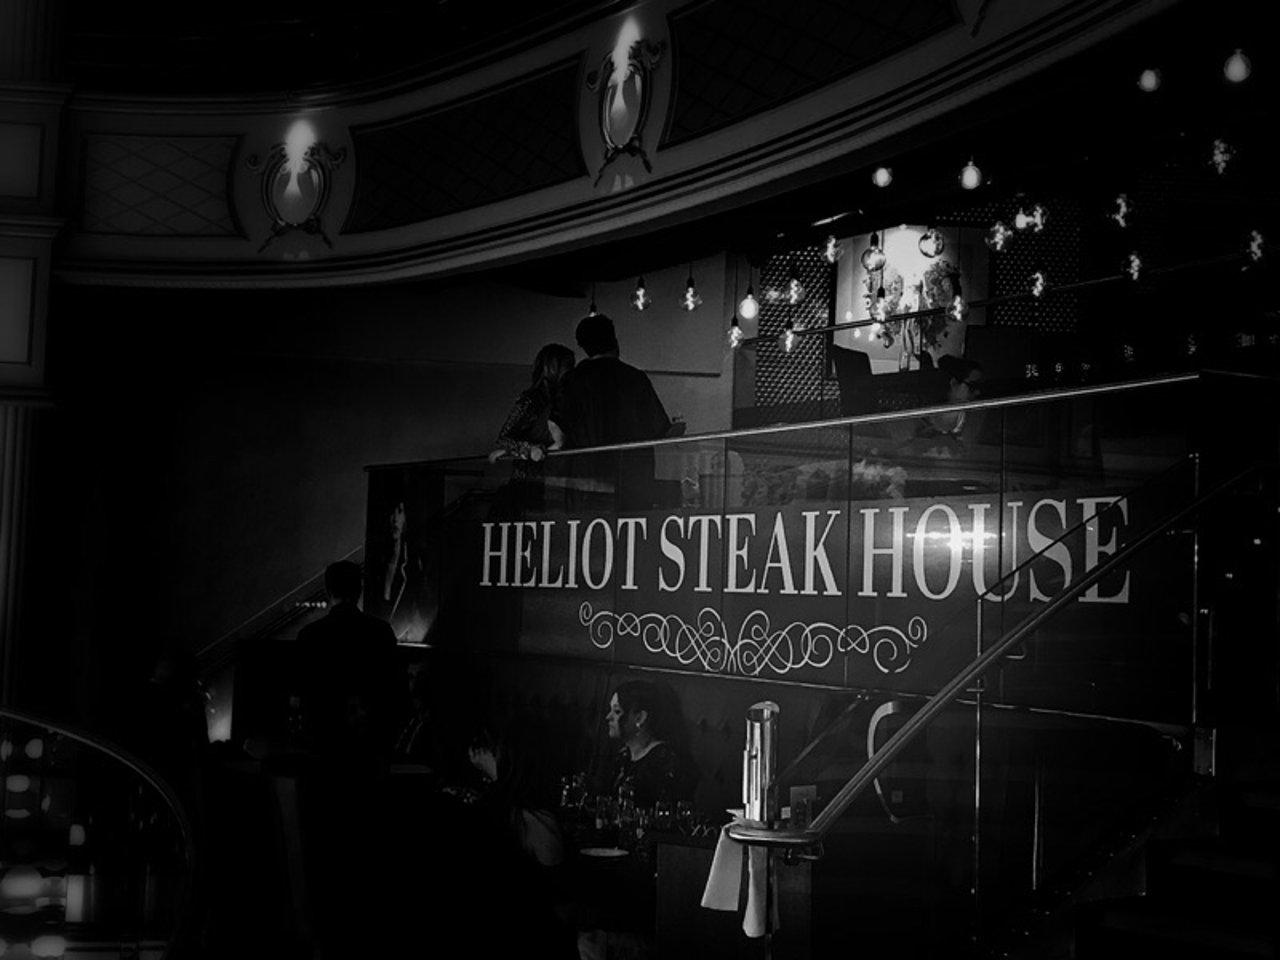 伦敦美食探店|赌场里的饕餮盛宴